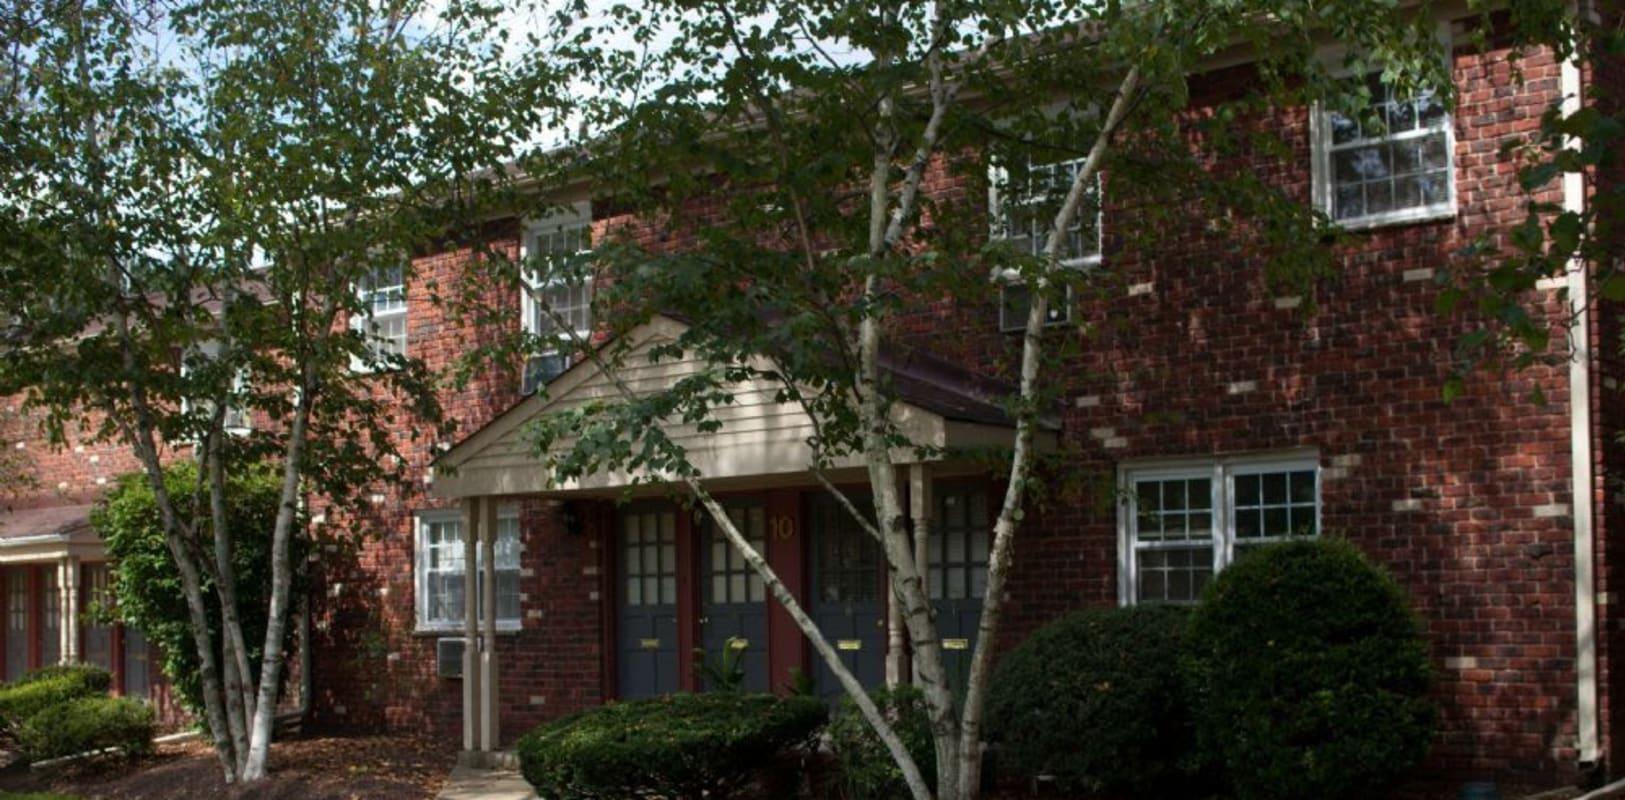 Exterior of Brookwood Gardens in East Windsor, New Jersey